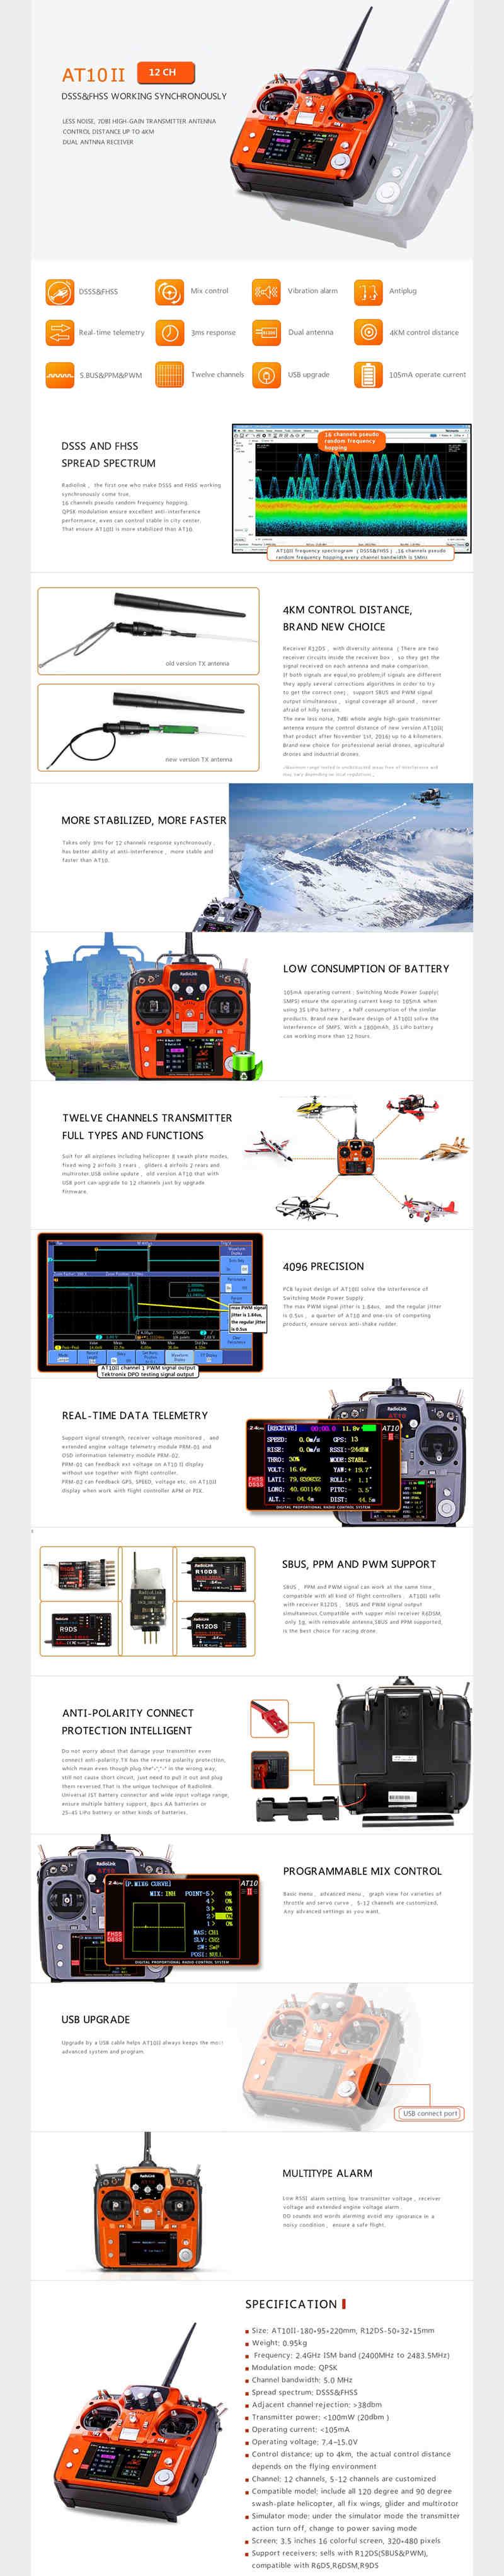 2.4 GHz 12 CH remote control system - RadioLink El_